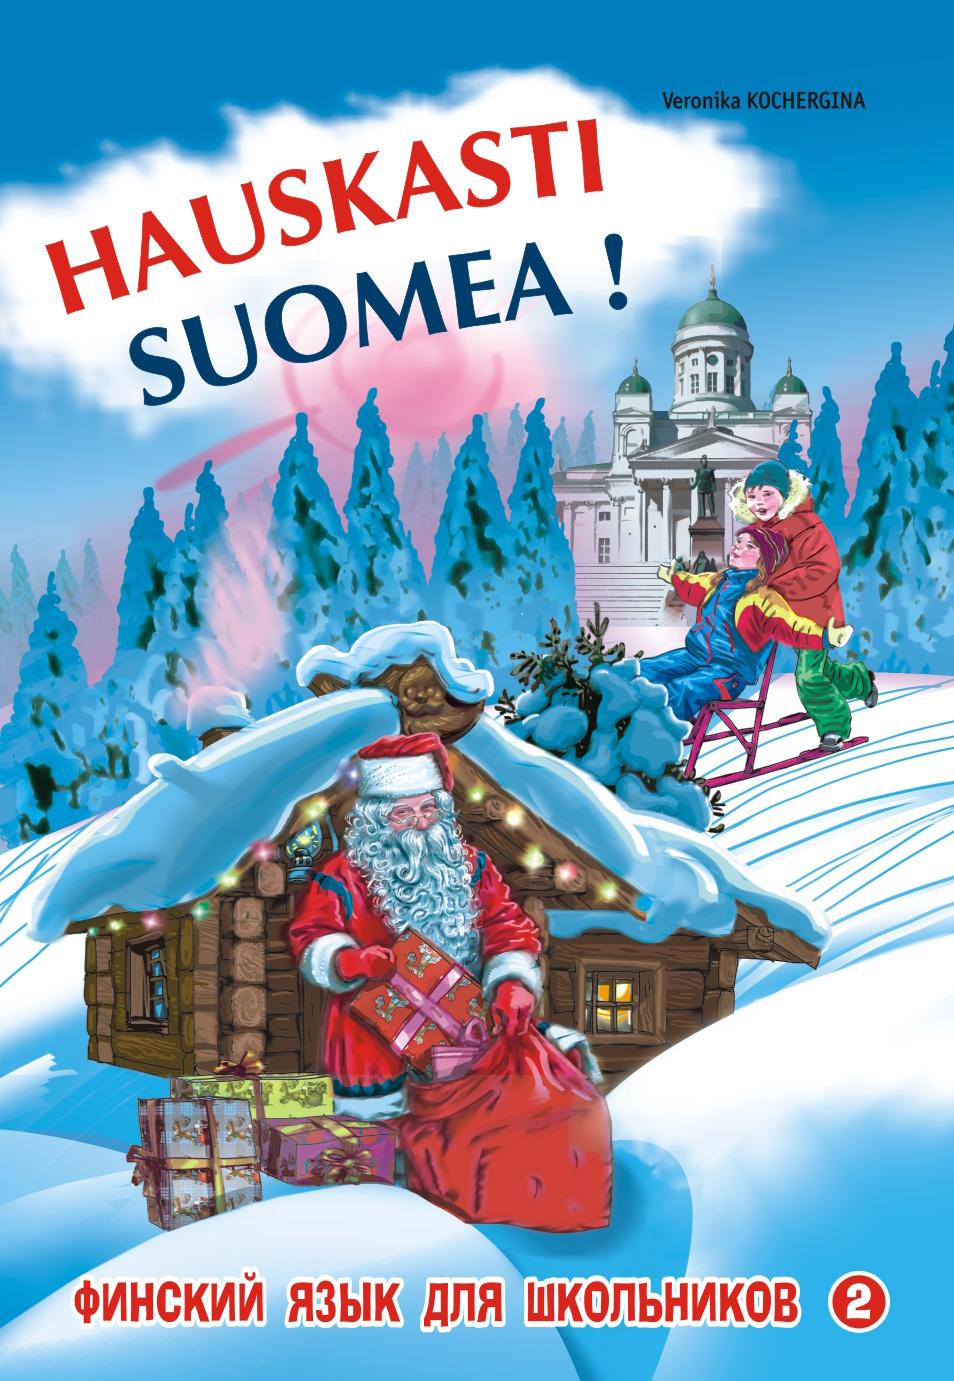 В. К. Кочергина Финский – это здорово! Финский язык для школьников. Книга 2 кочергина в к финский это здорово финский язык для школьников книга 1 hauskasti suomea